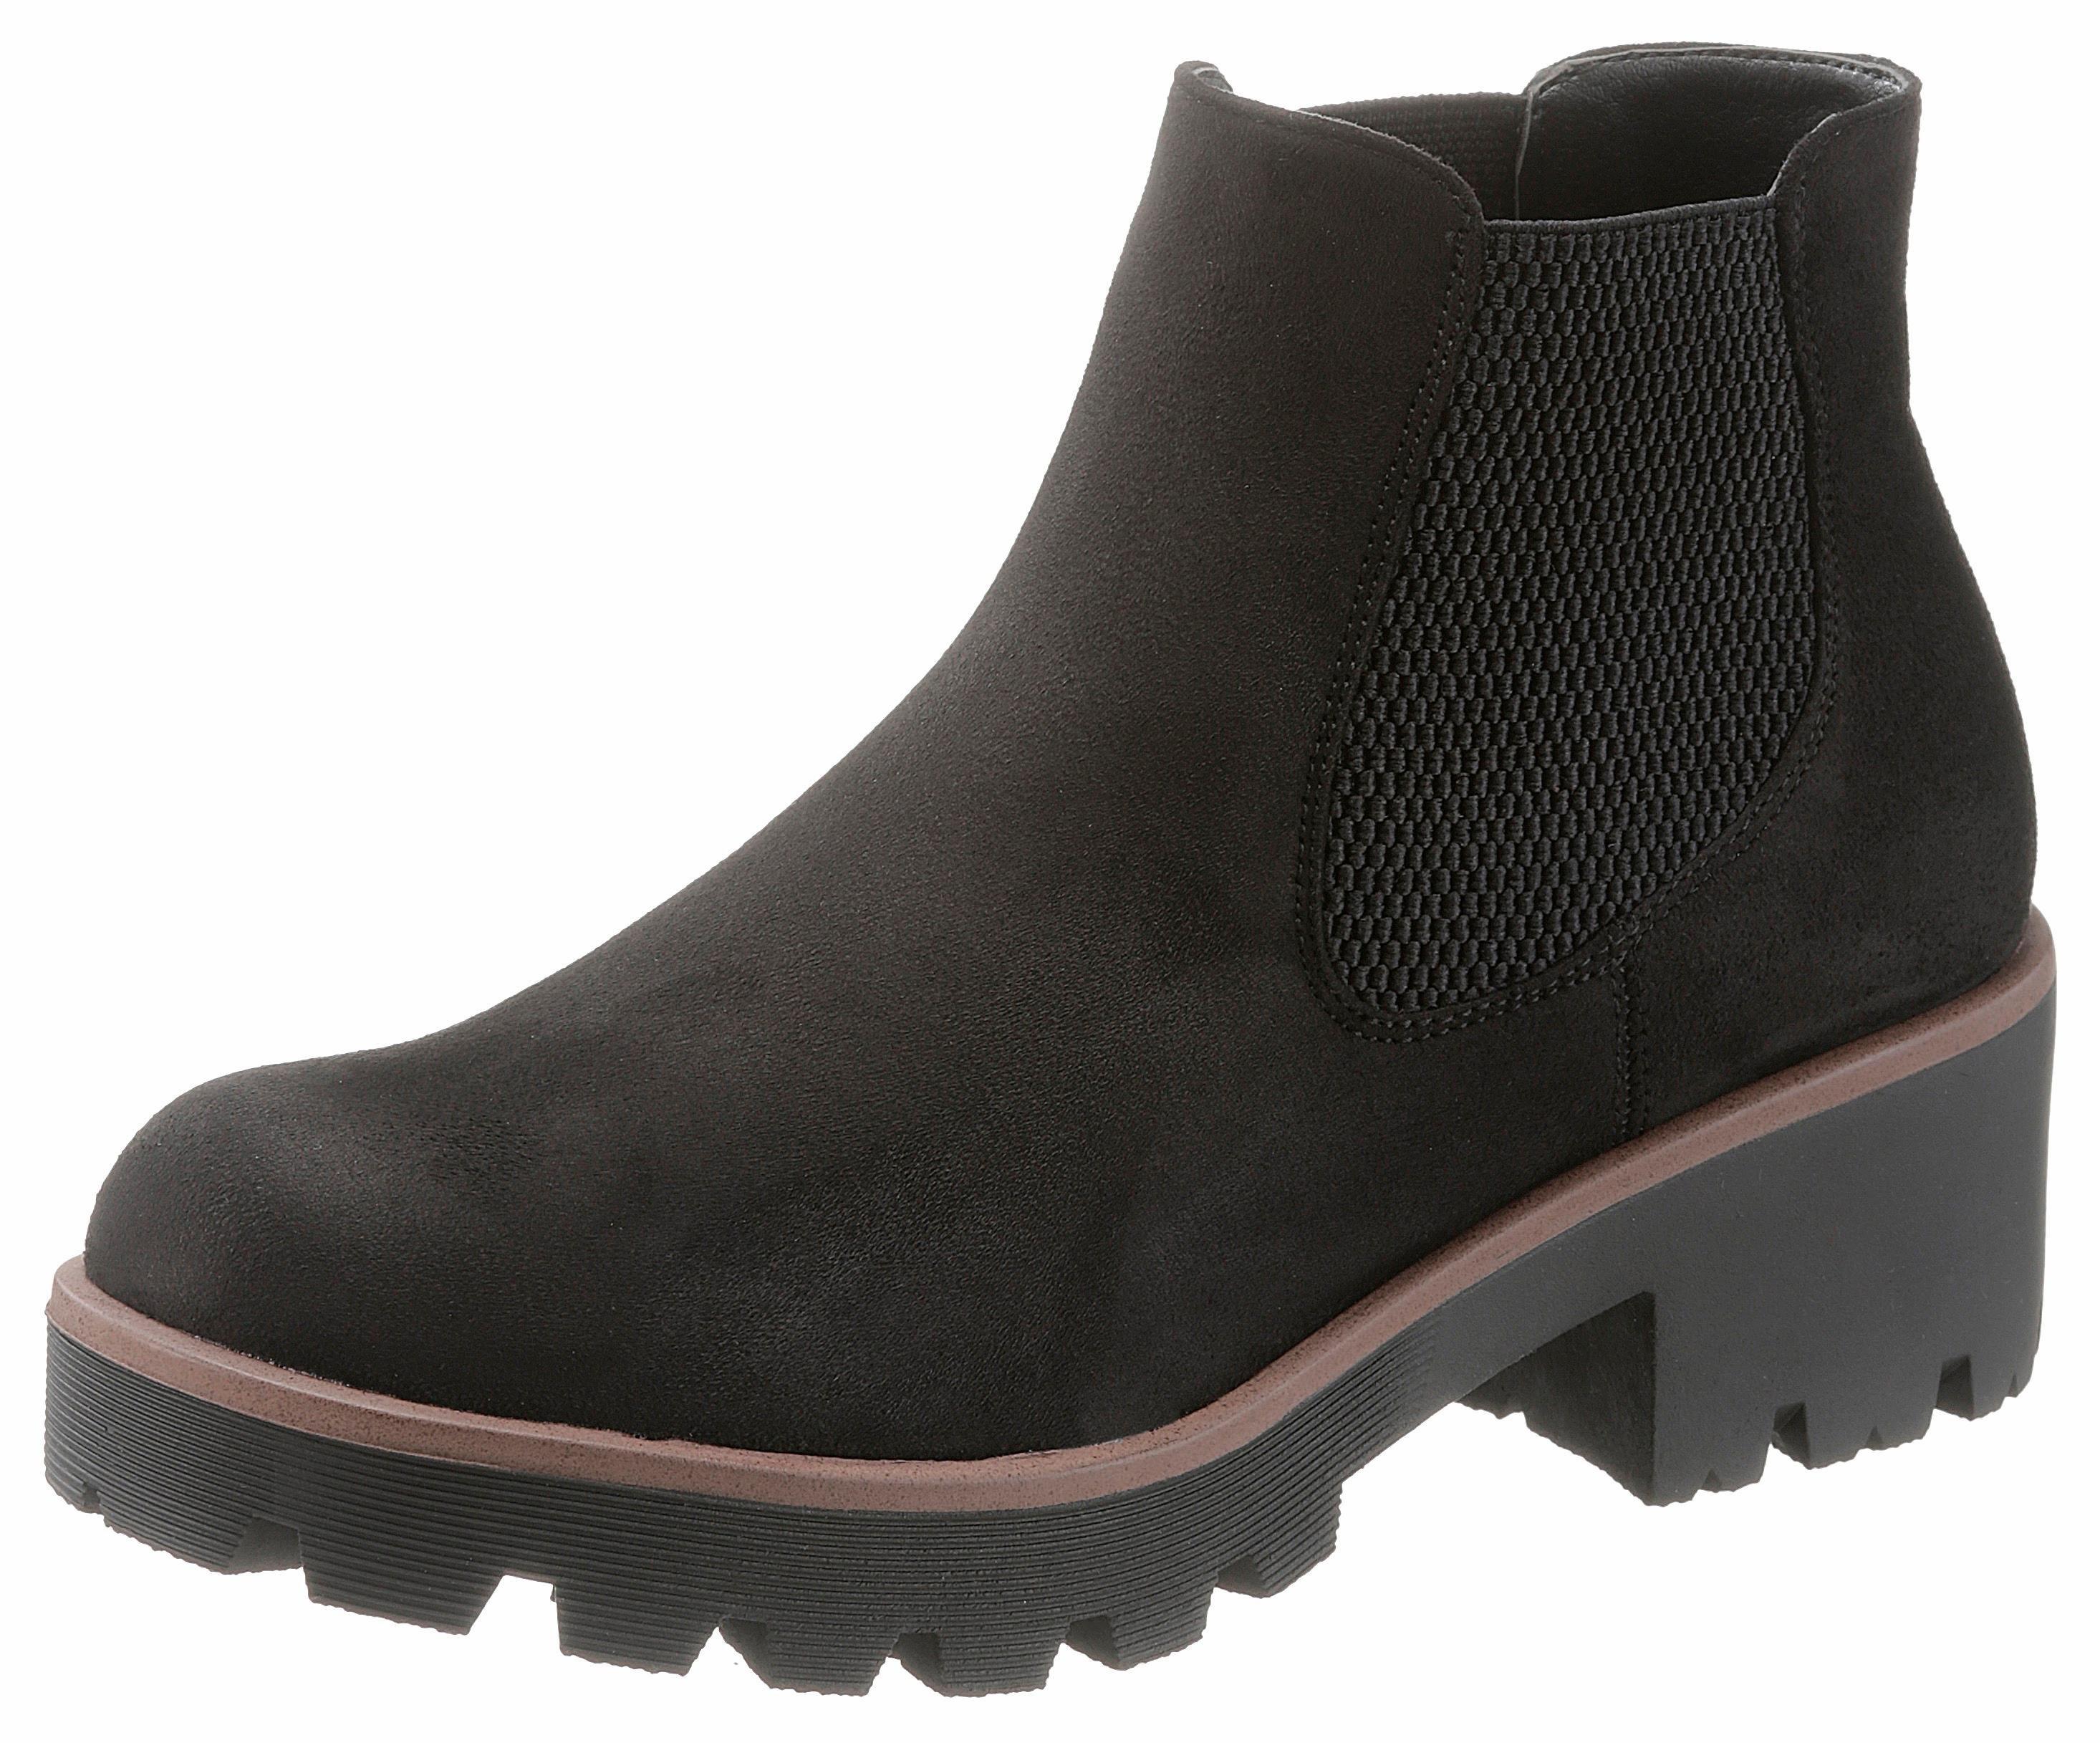 Rieker Chelsea-boots met brede stretchinzet nu online kopen bij OTTO